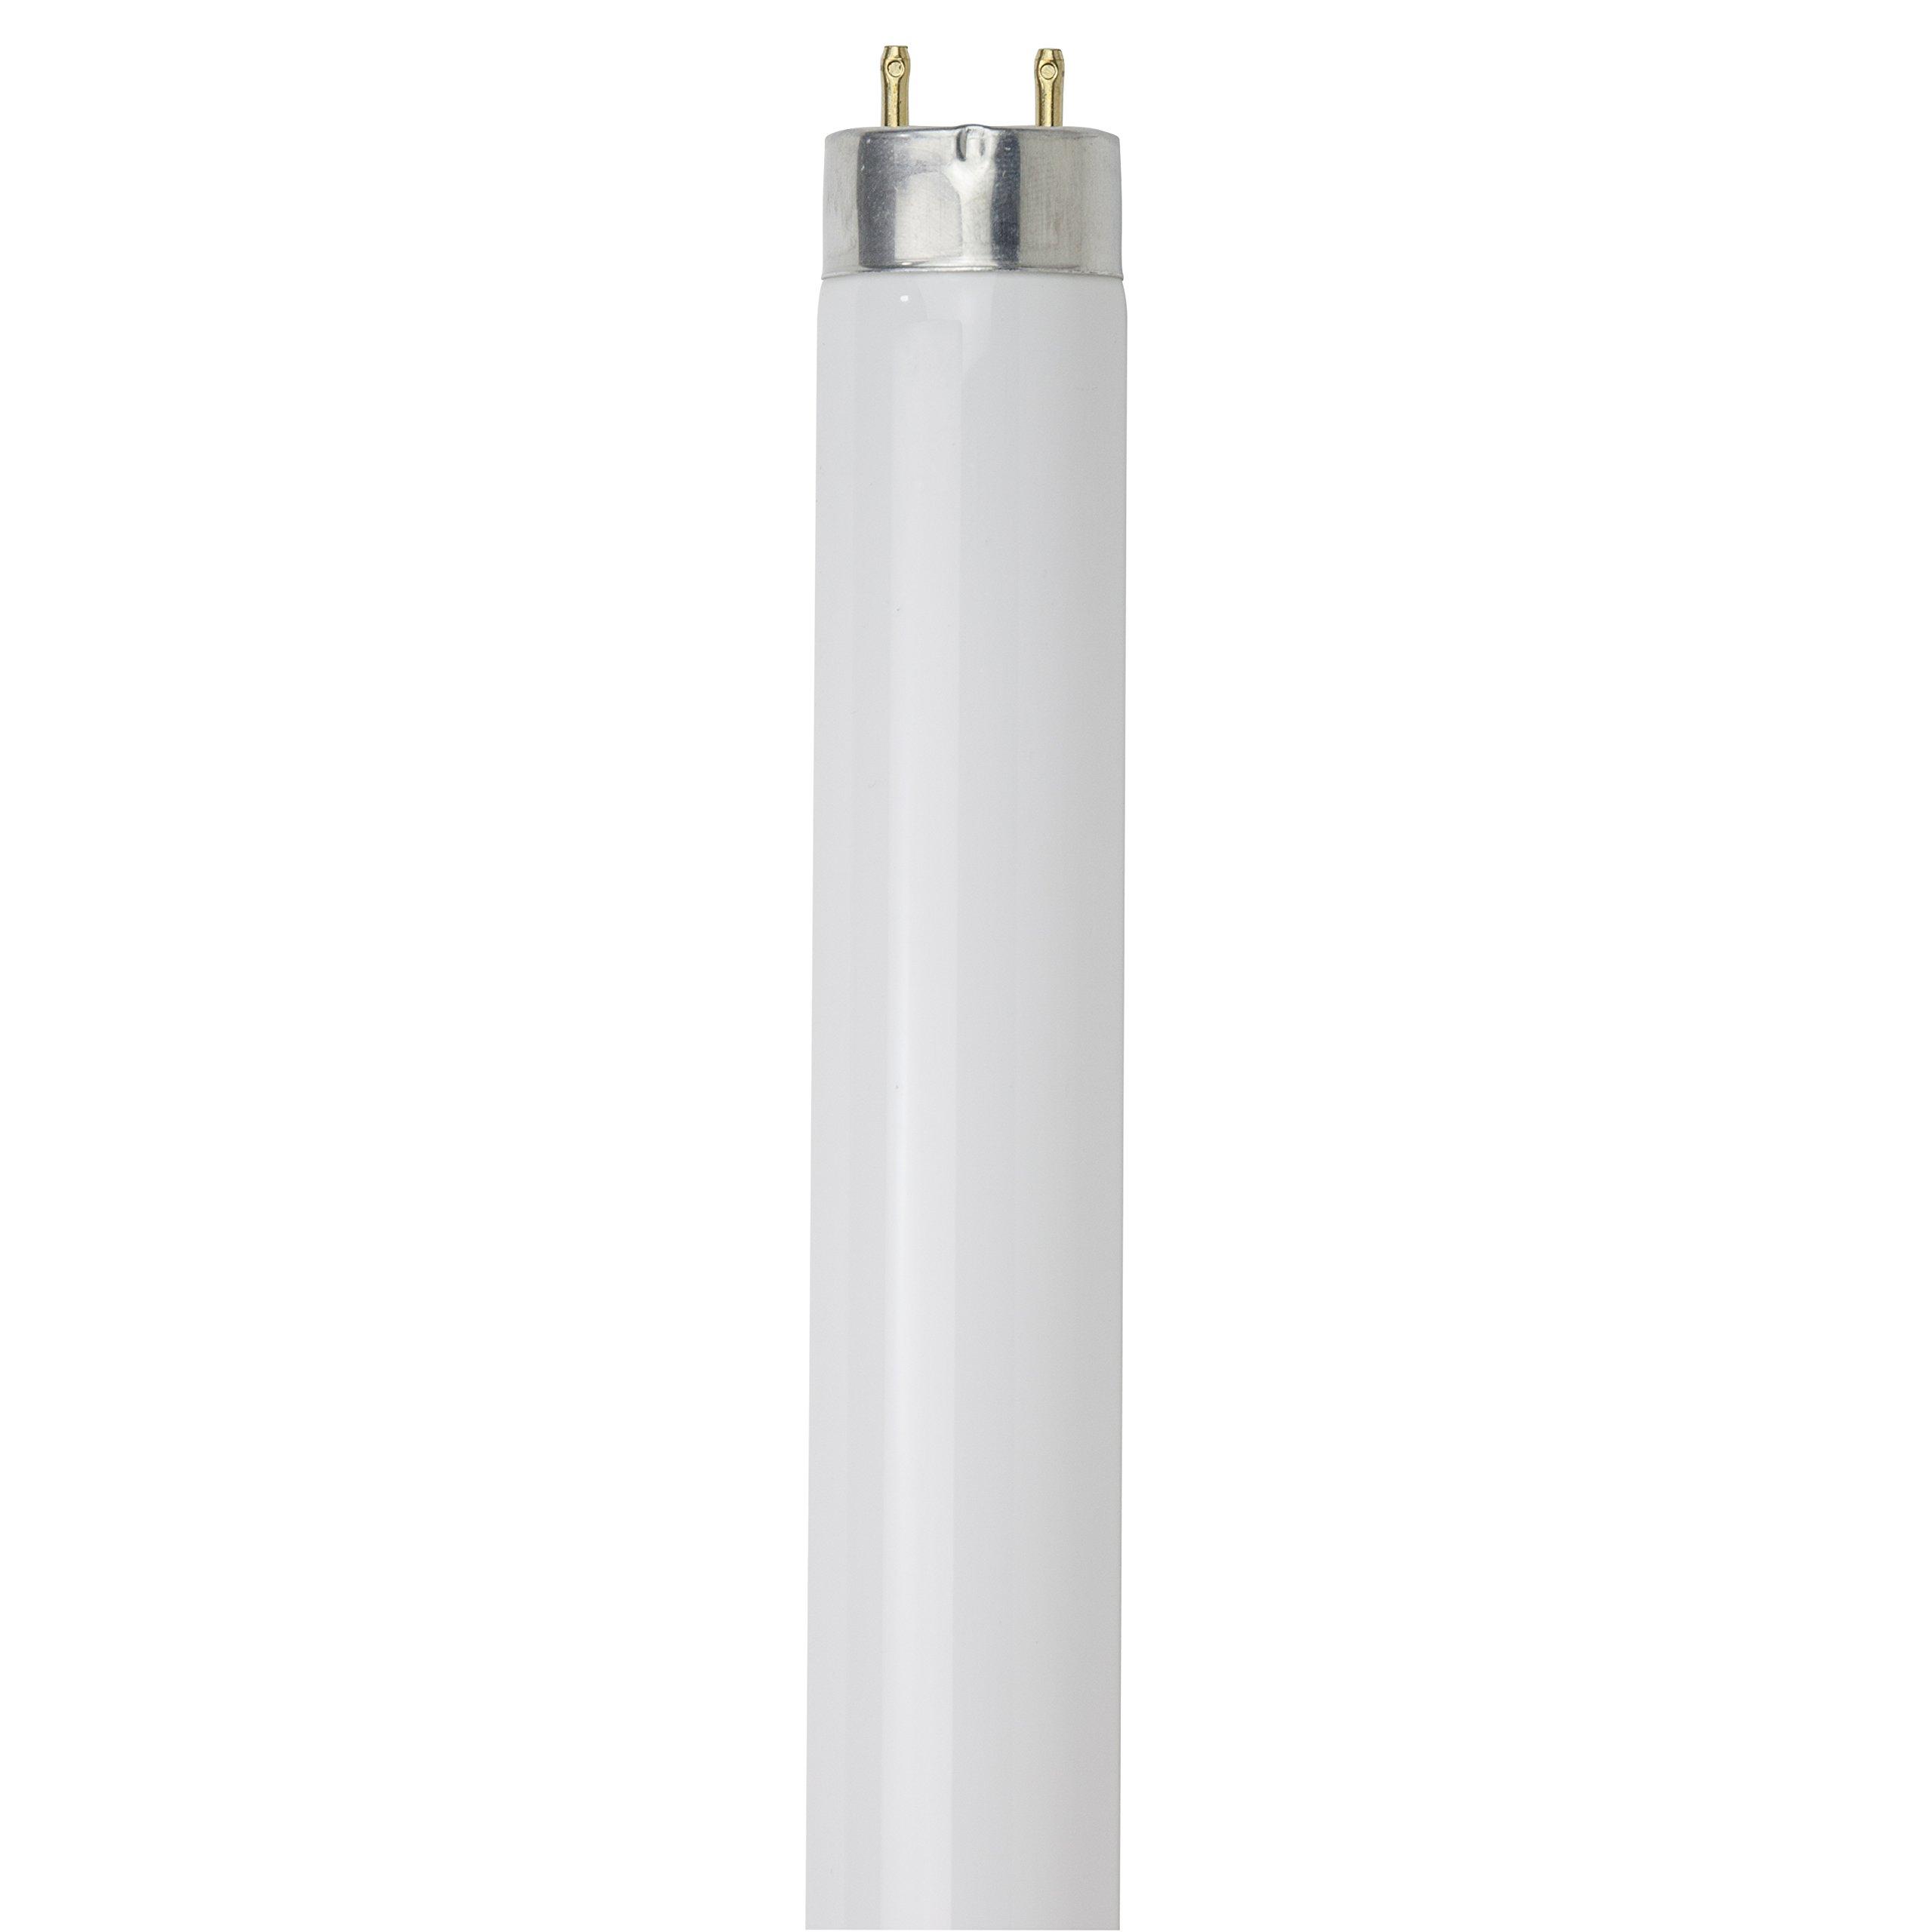 Sunlite F25T8/SP865/30PK T8 High Performance Medium Bi-Pin (G13) Base Straight Tube Light Bulb (30 Pack), 25W/6500K, Daylight